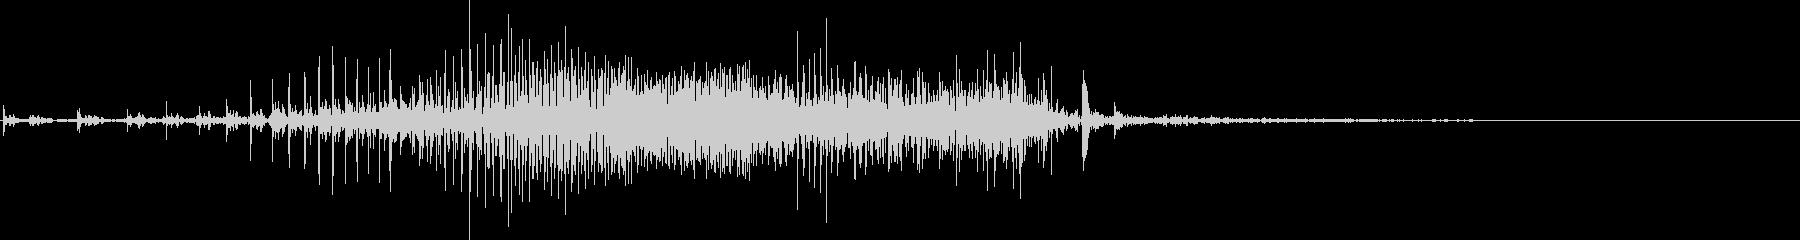 ジッパーの効果音 02の未再生の波形